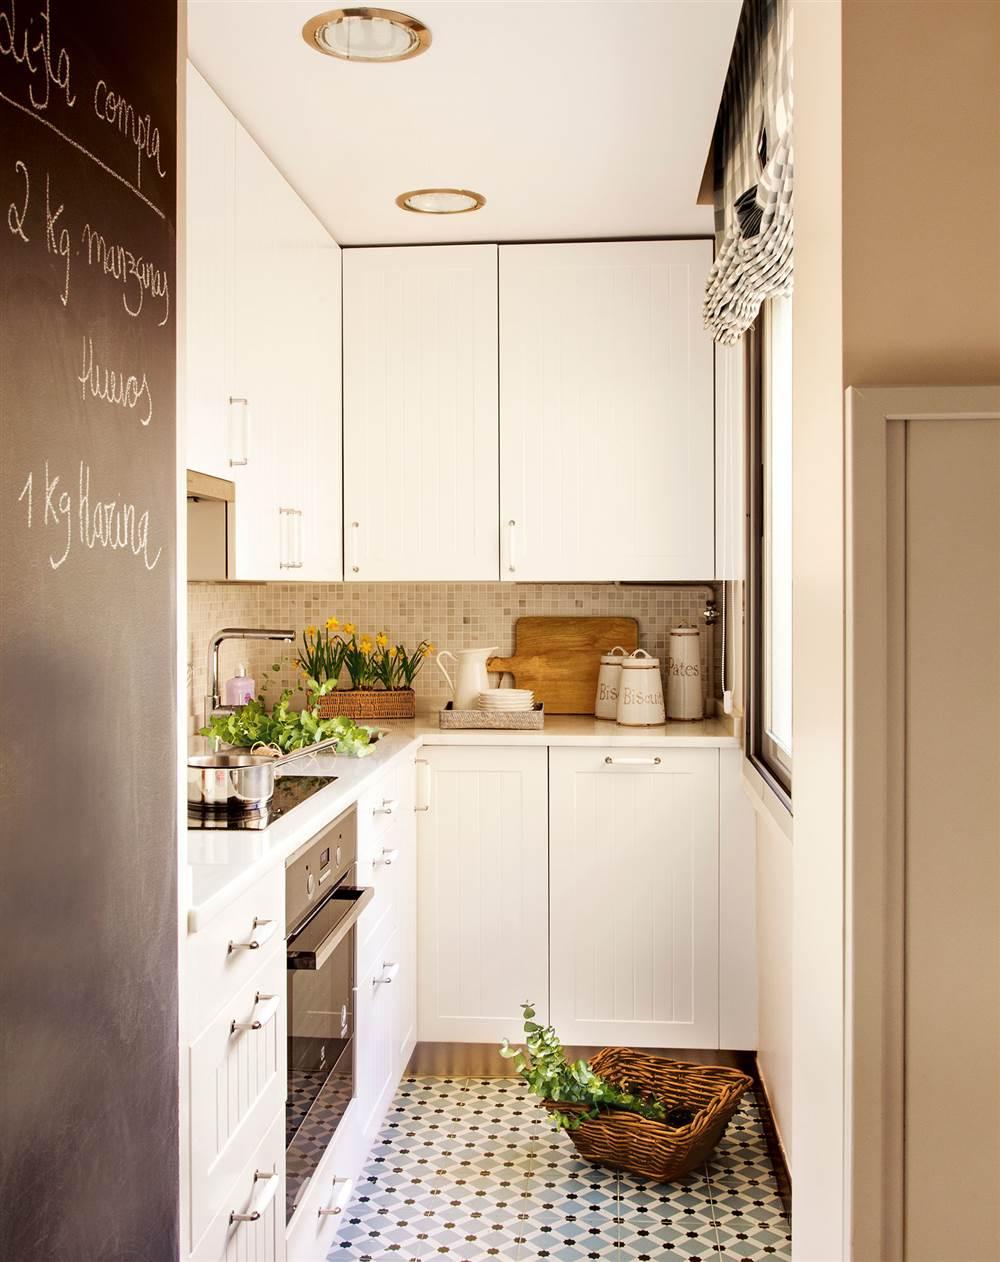 Ideas para aprovechar el espacio en las cocinas peque as for Decoracion de interiores ideas economicas